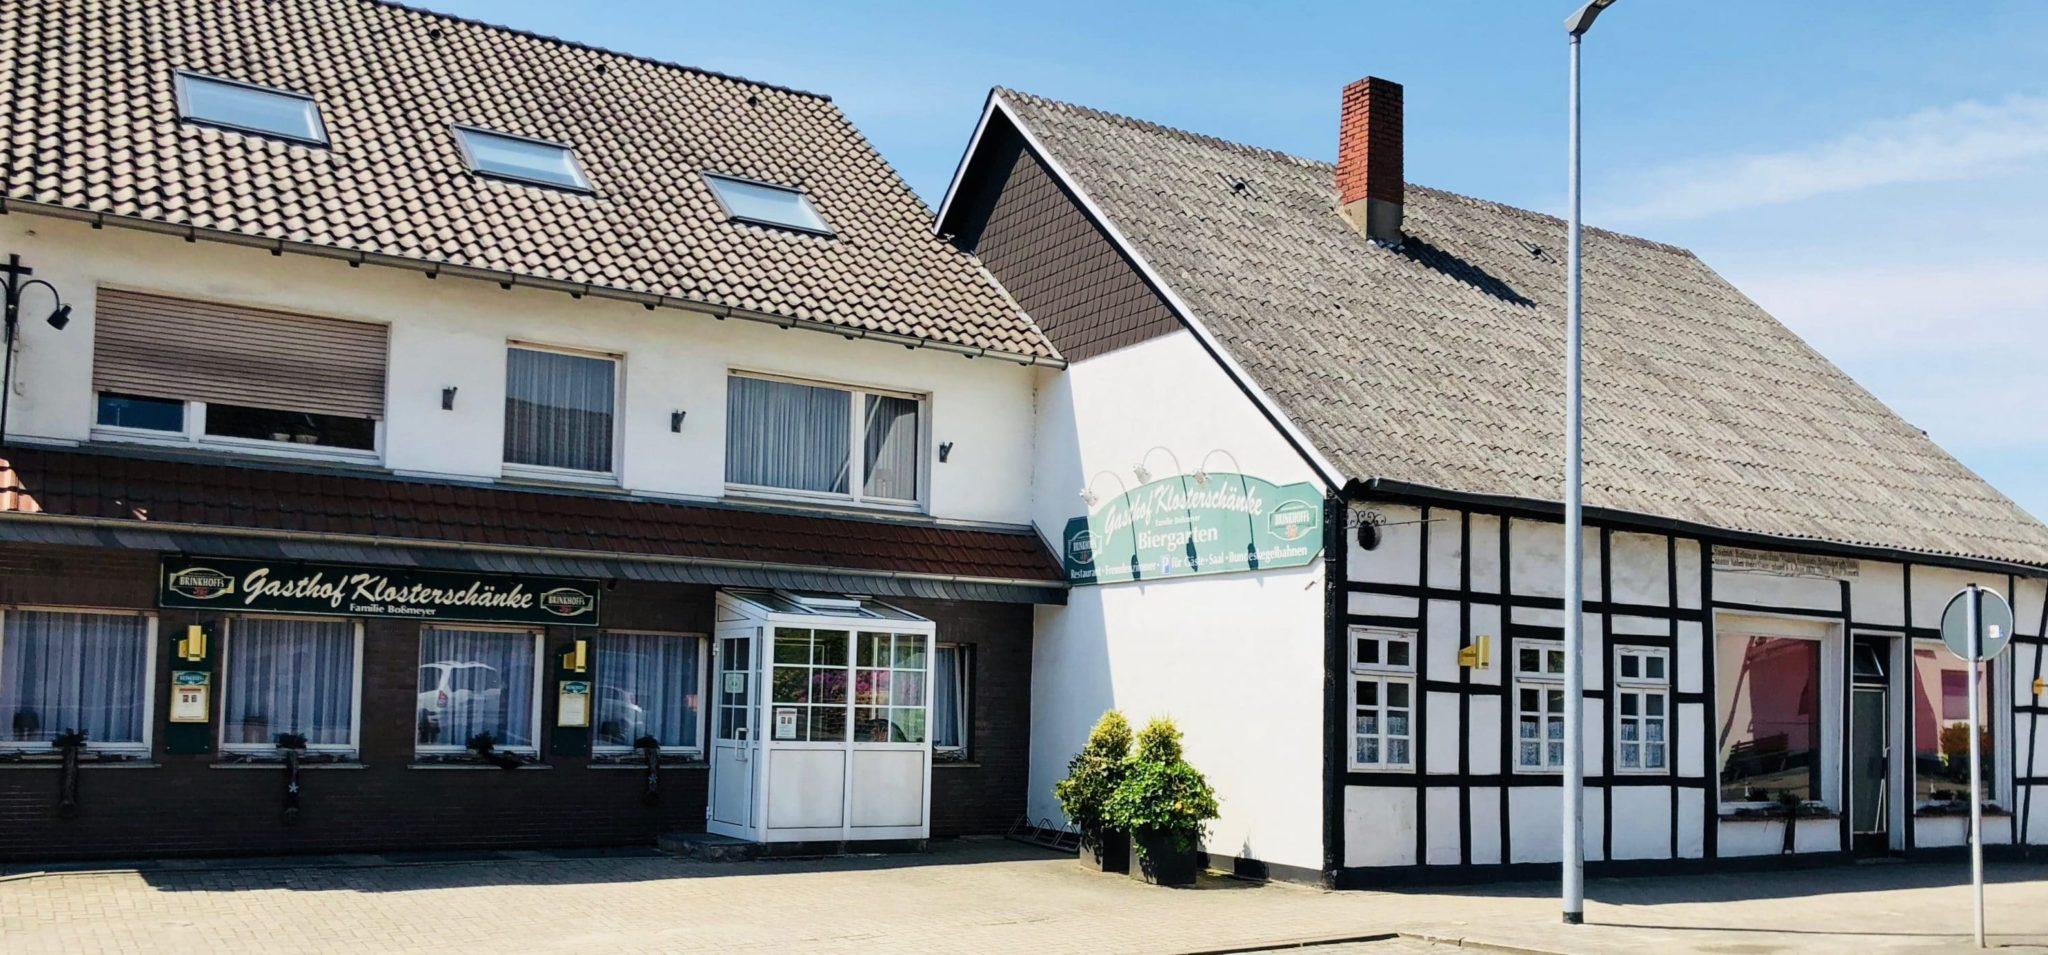 Klosterschänke | Willkommen bei Familie Boßmeyer